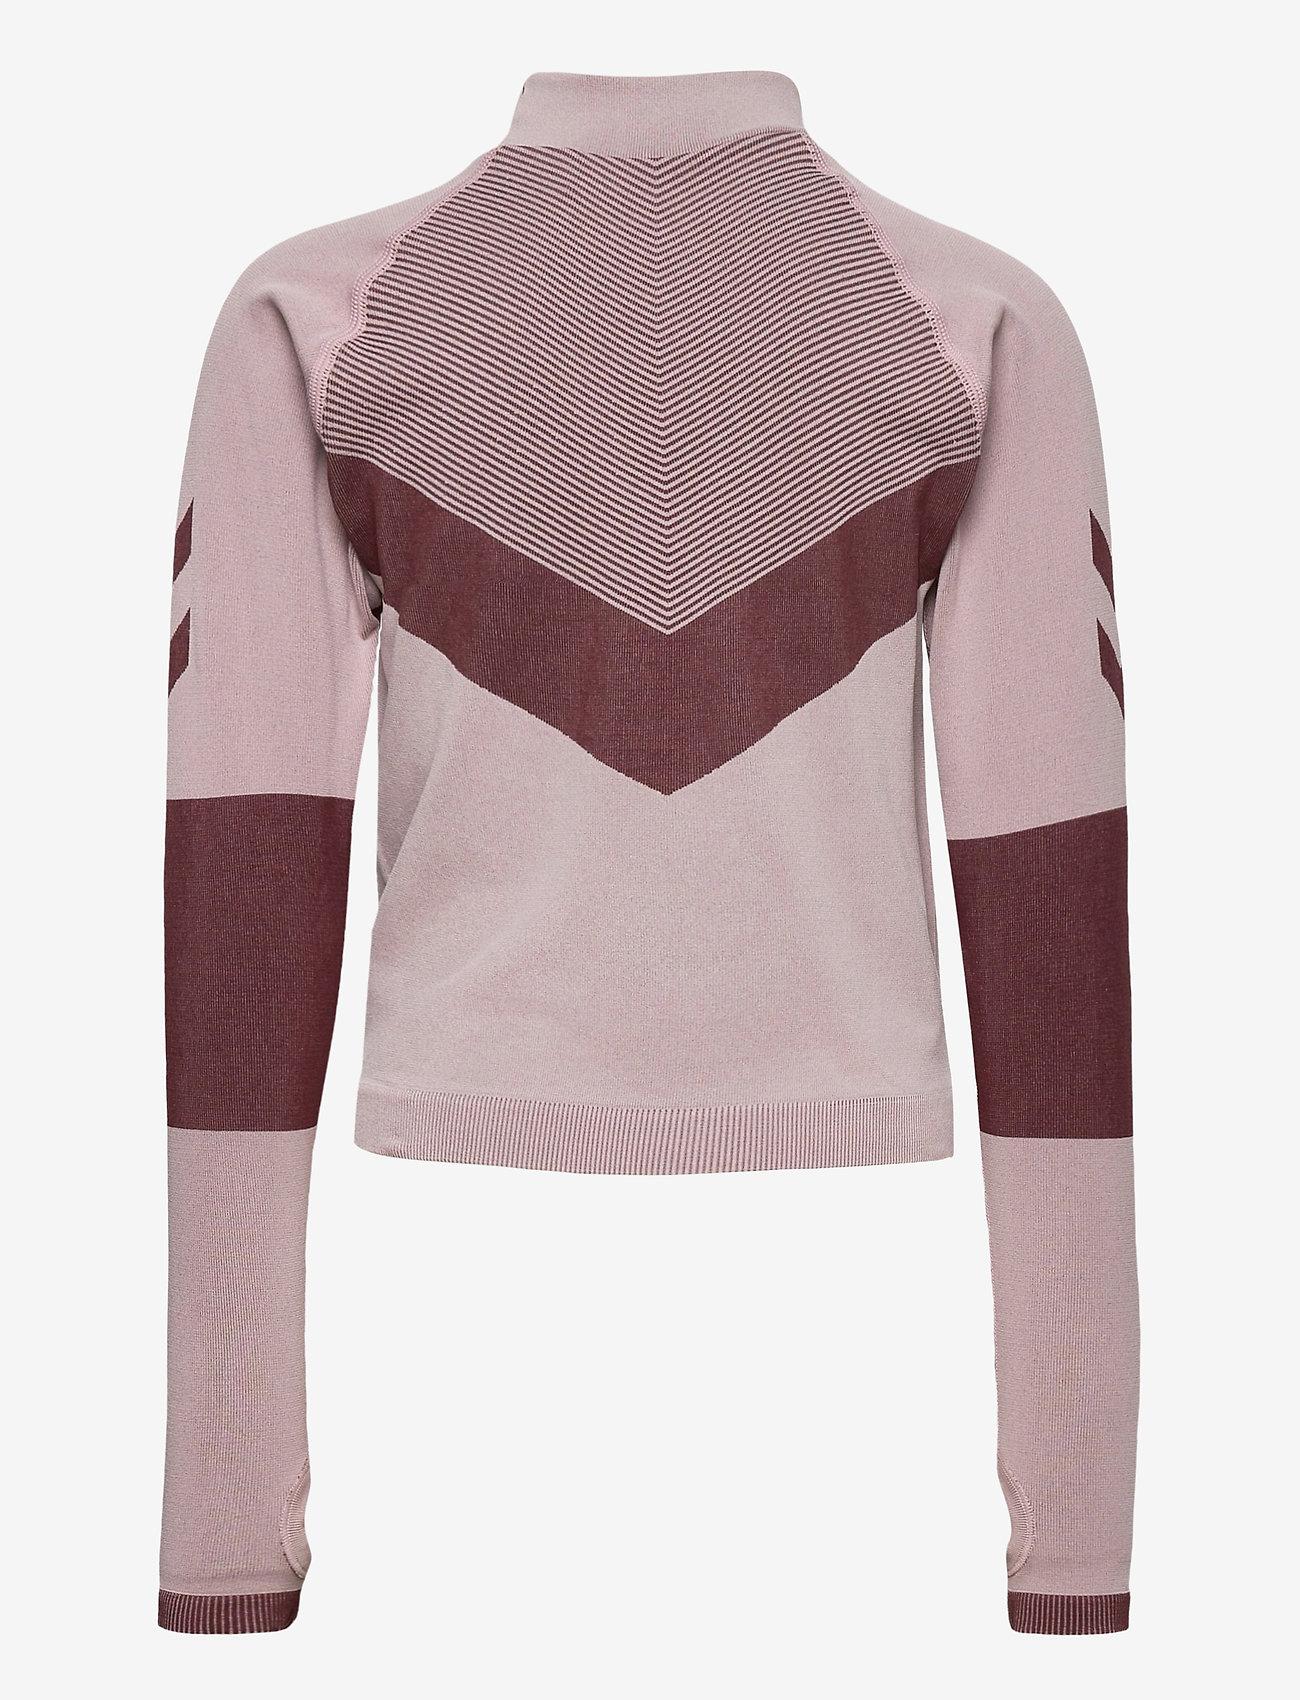 Hummel - hmlKITH SEAMLESS T-SHIRT L/S - long-sleeved t-shirts - deauville mauve - 1